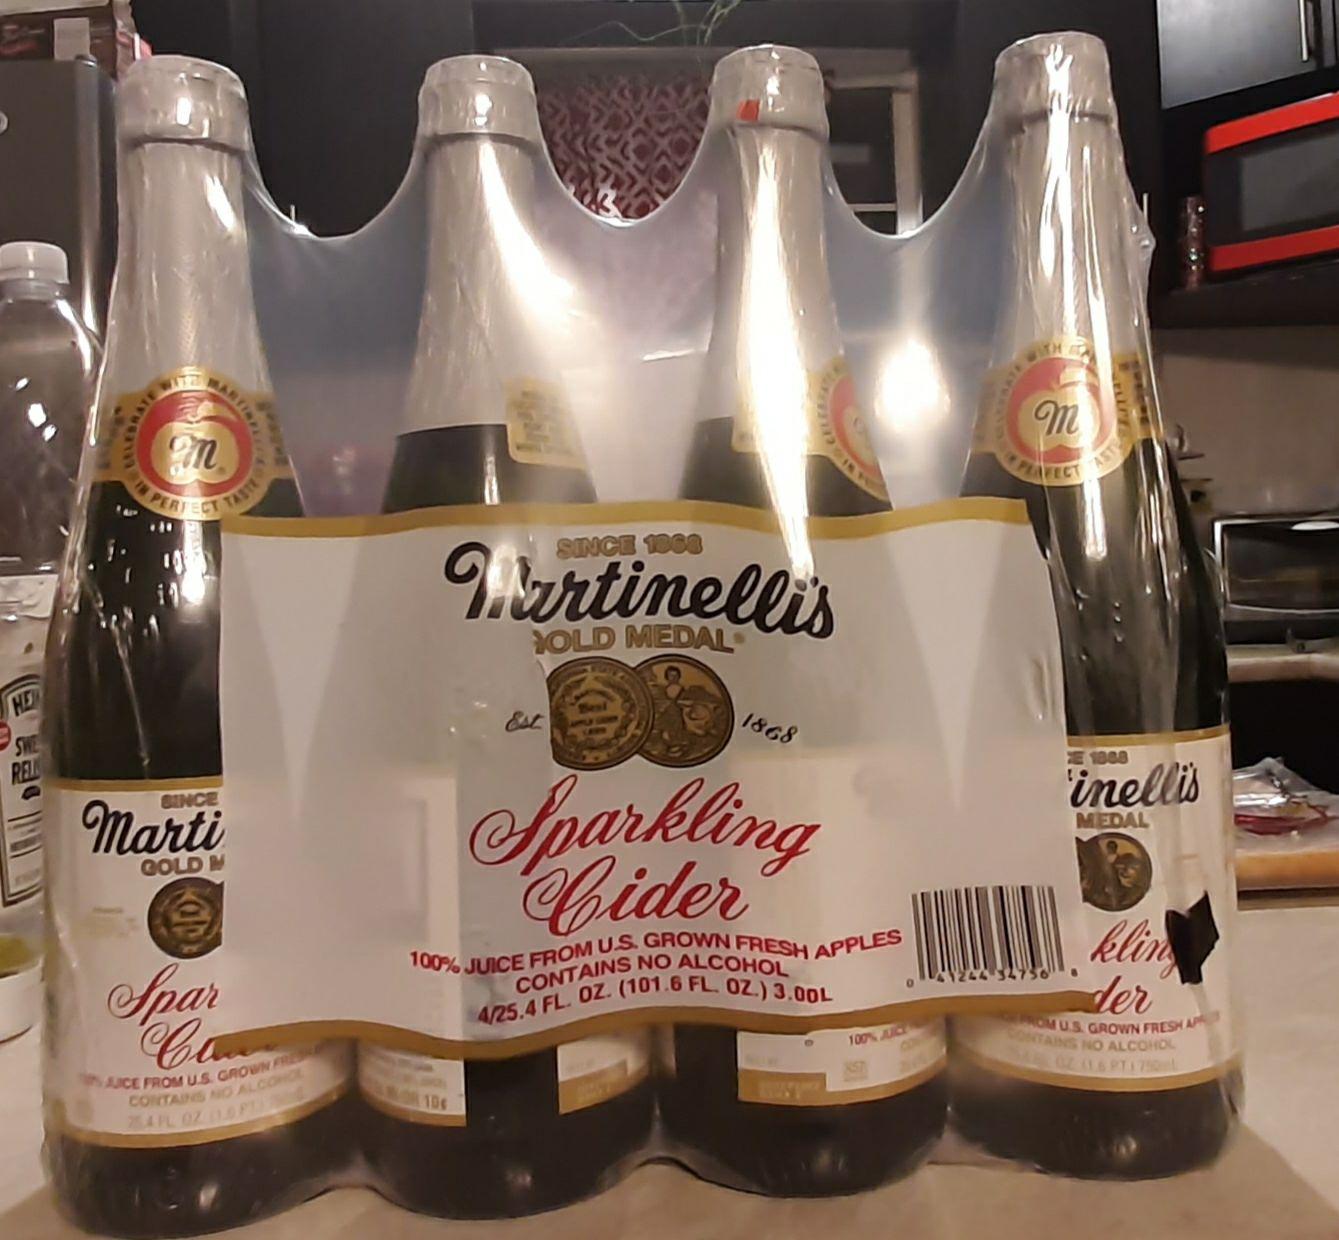 City Club Revolución: Jugo espumoso de manzana Martinelli's, 4 botellas